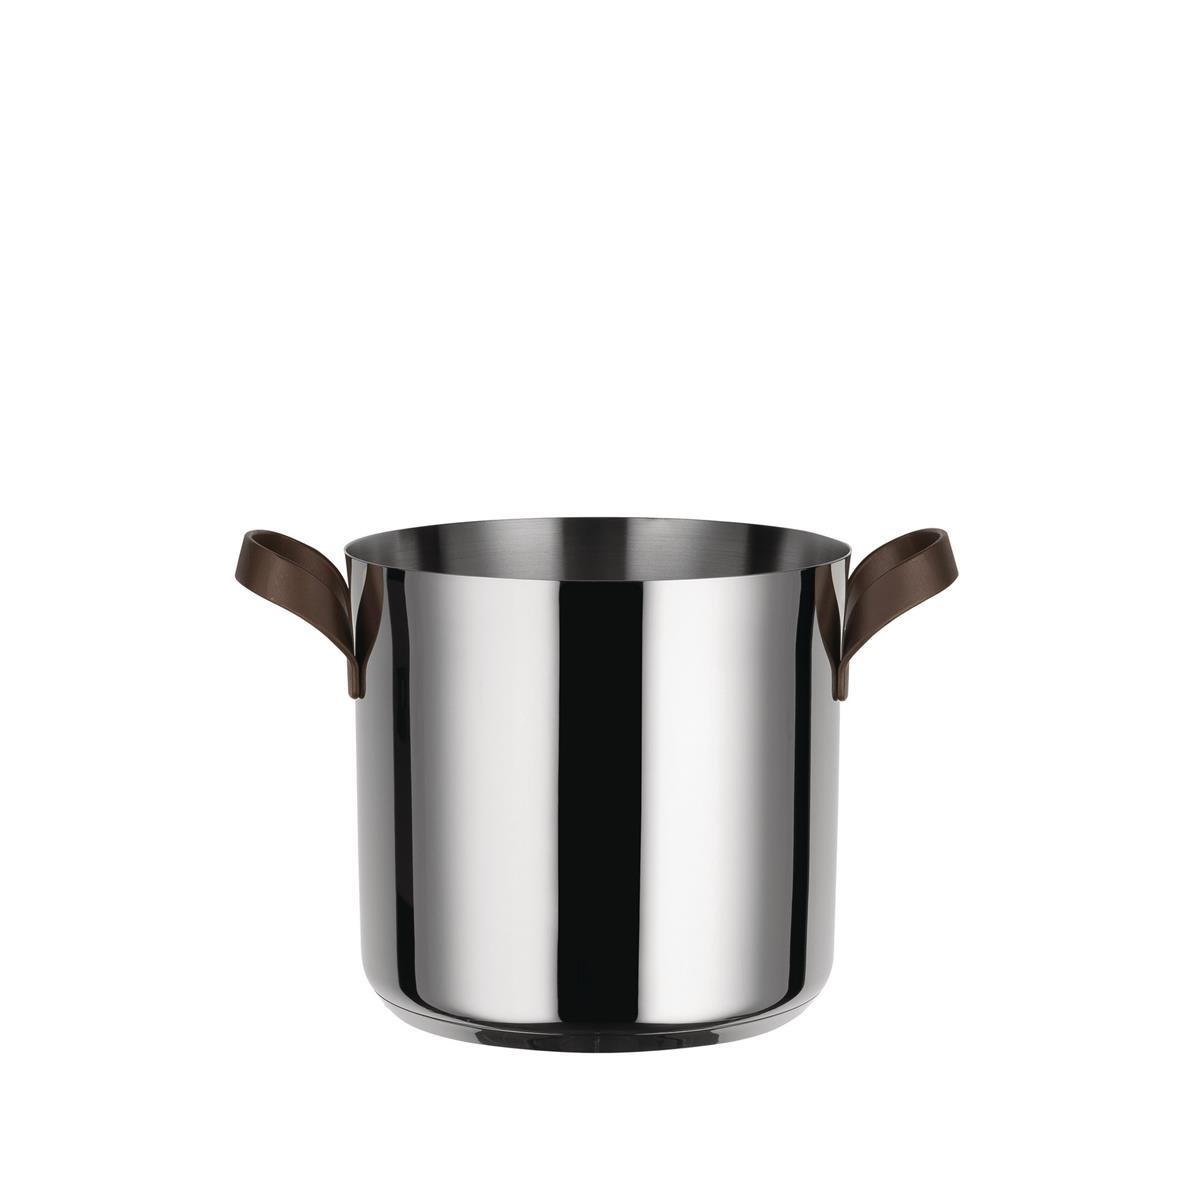 Alessi-edo Pot aus 18/10 Edelstahl zur Induktion geeignet